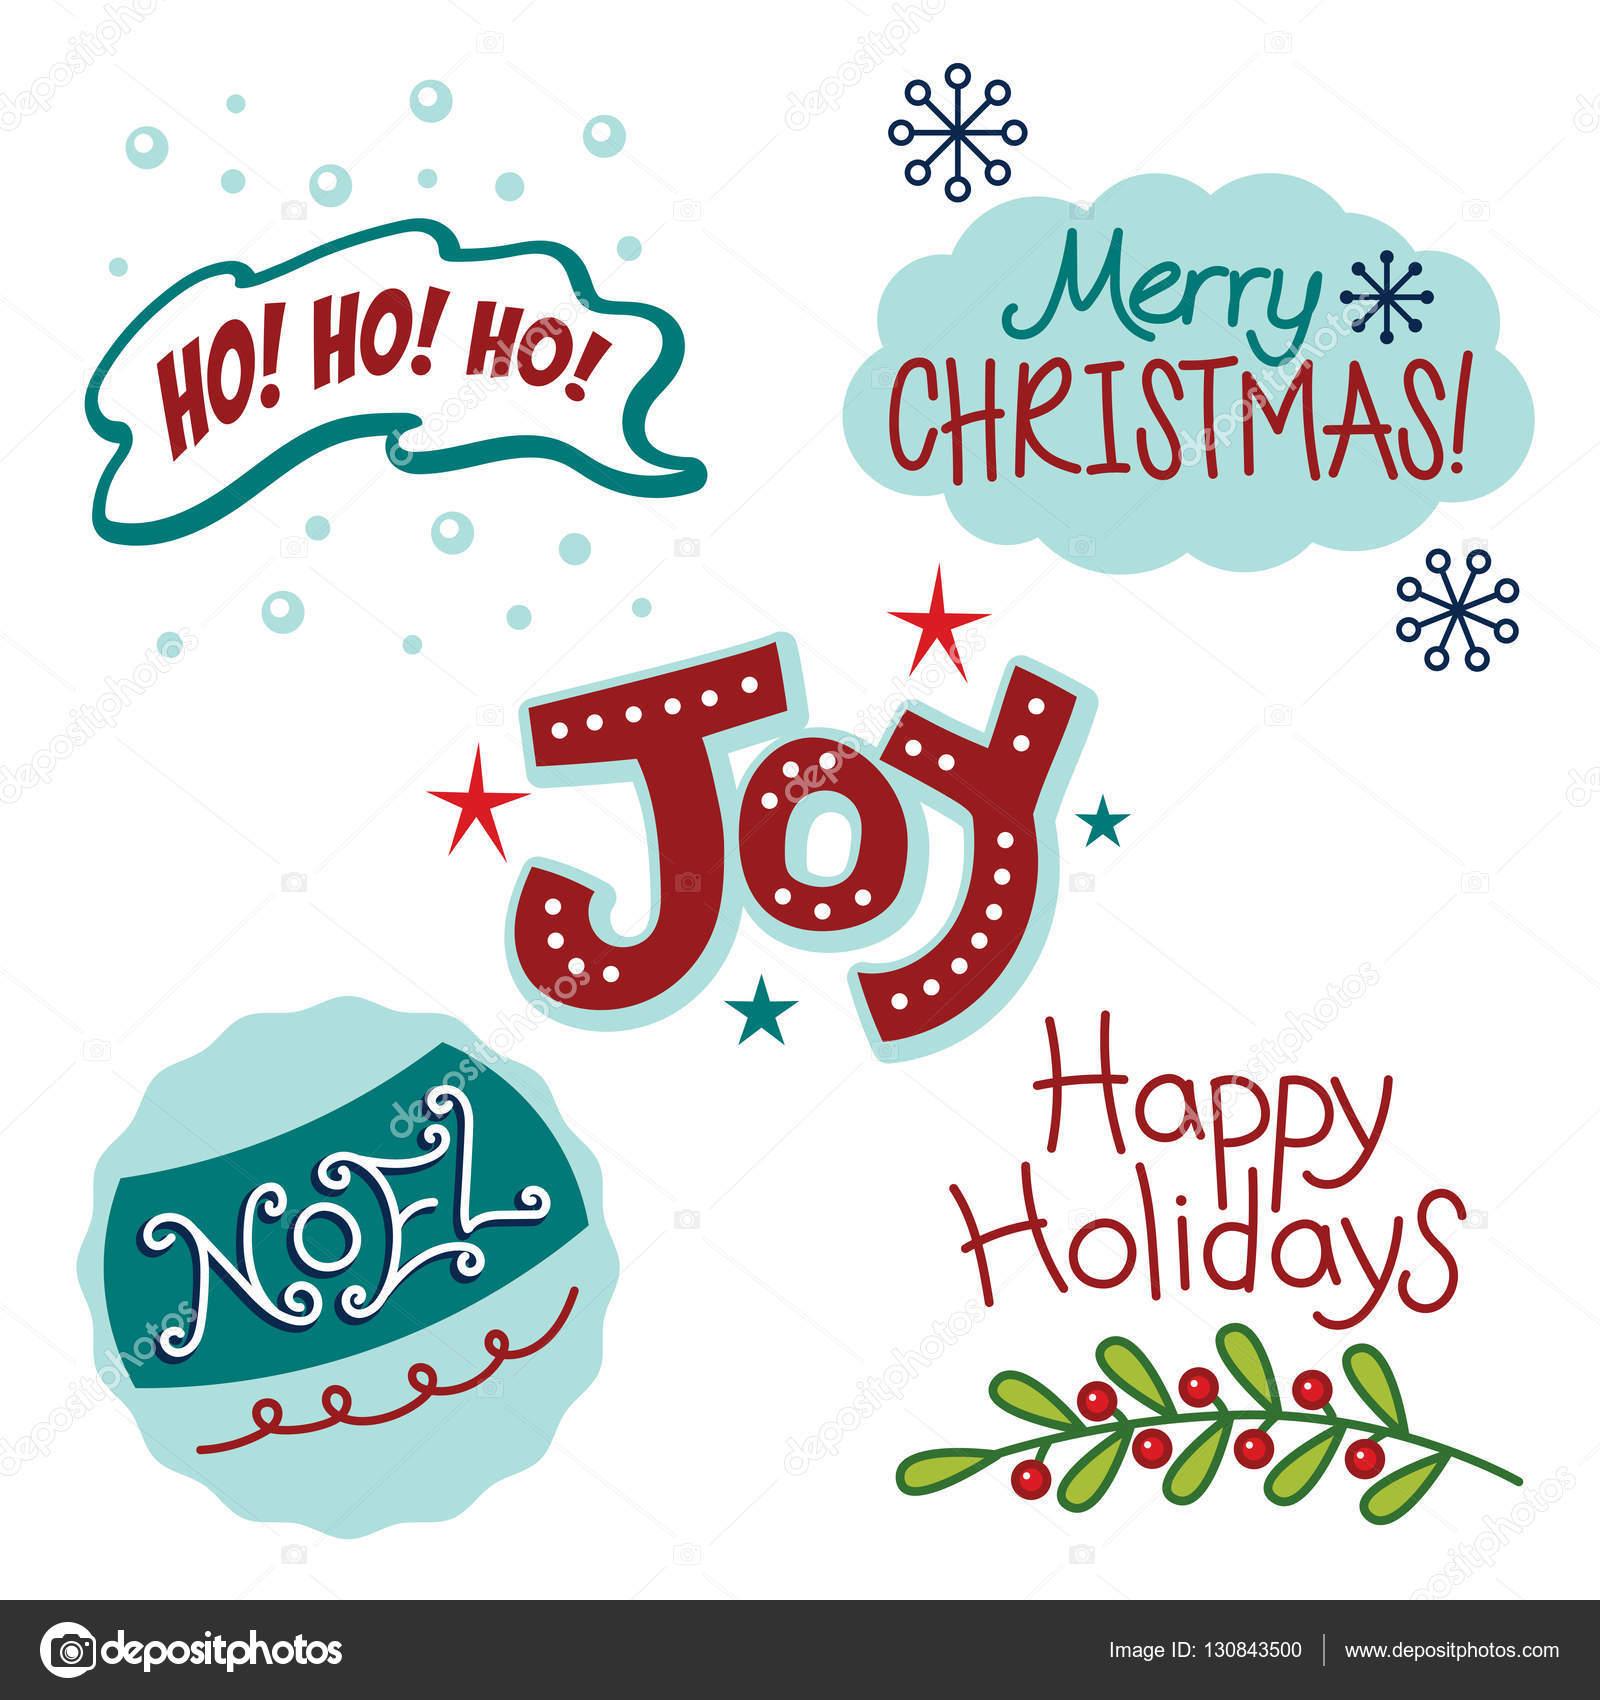 Weihnachten und Winter Urlaub Grüße, lustige Texte, Worte ...